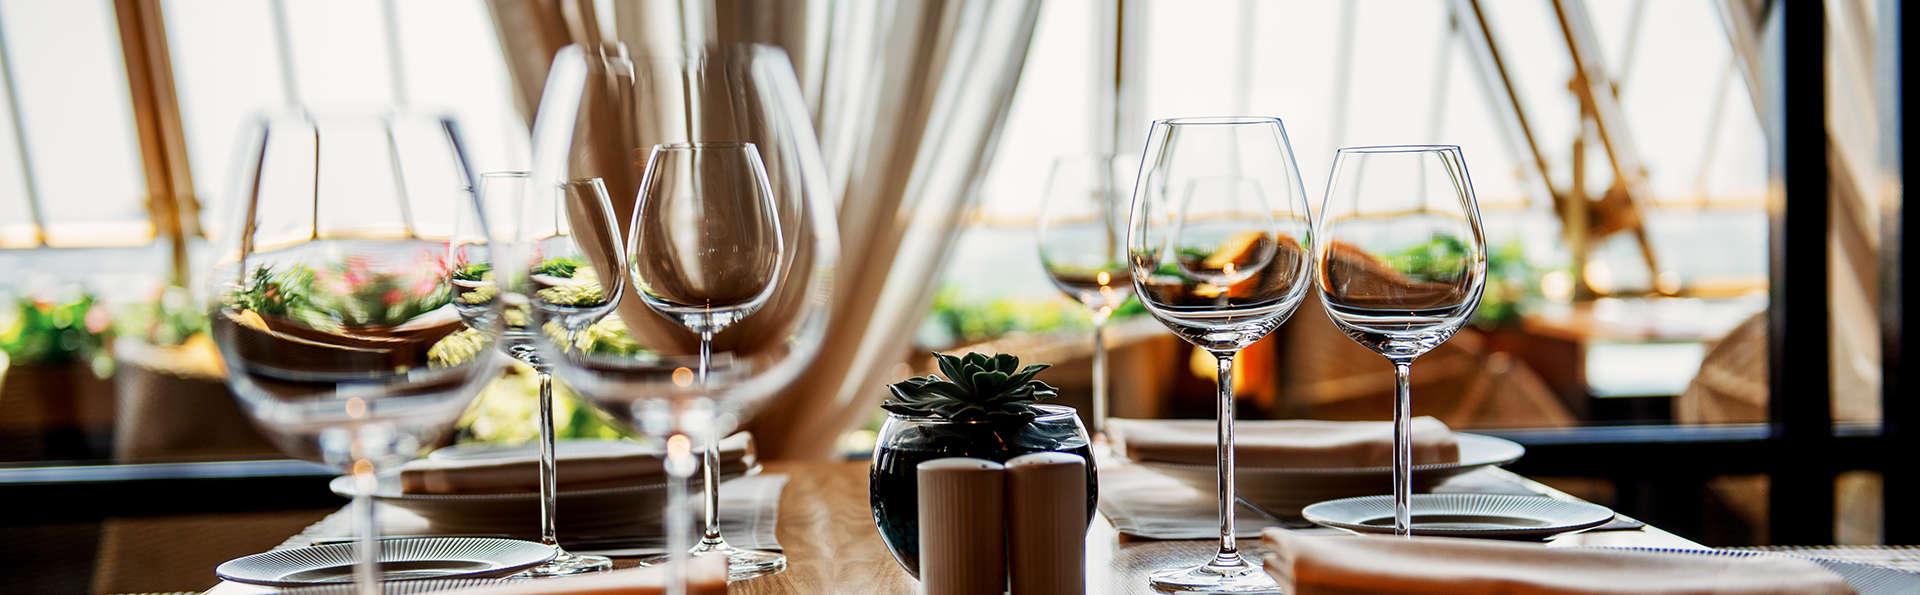 Soldes : détendez-vous et profitez d'un excellent diner gastronomique